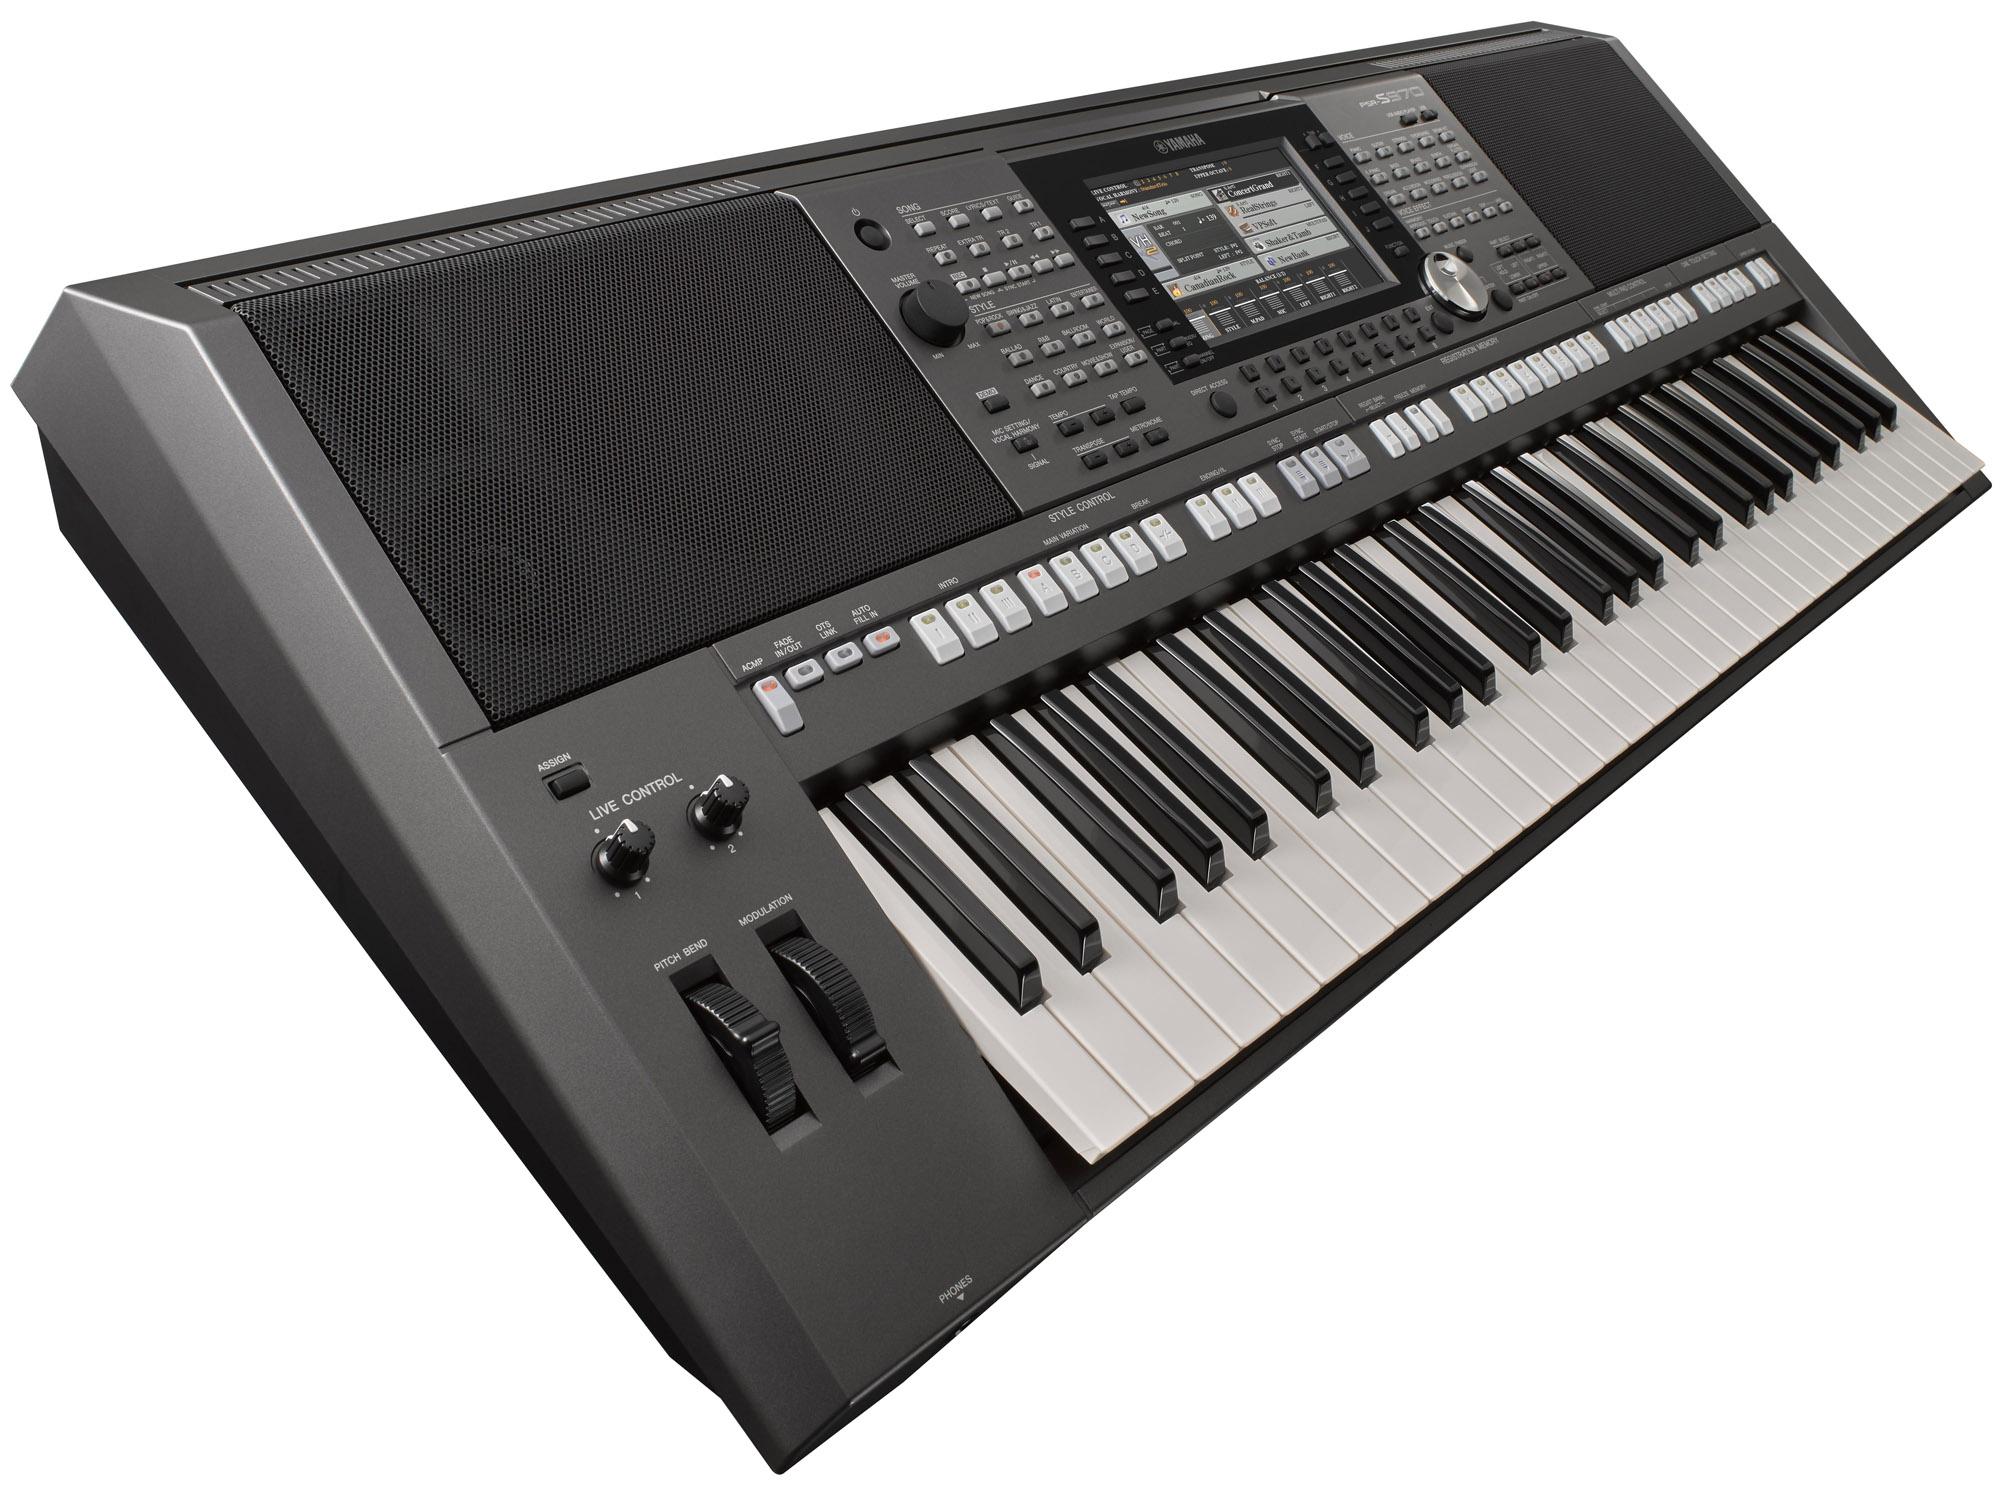 yamaha psr s970 arranger workstation keyboard yamaha